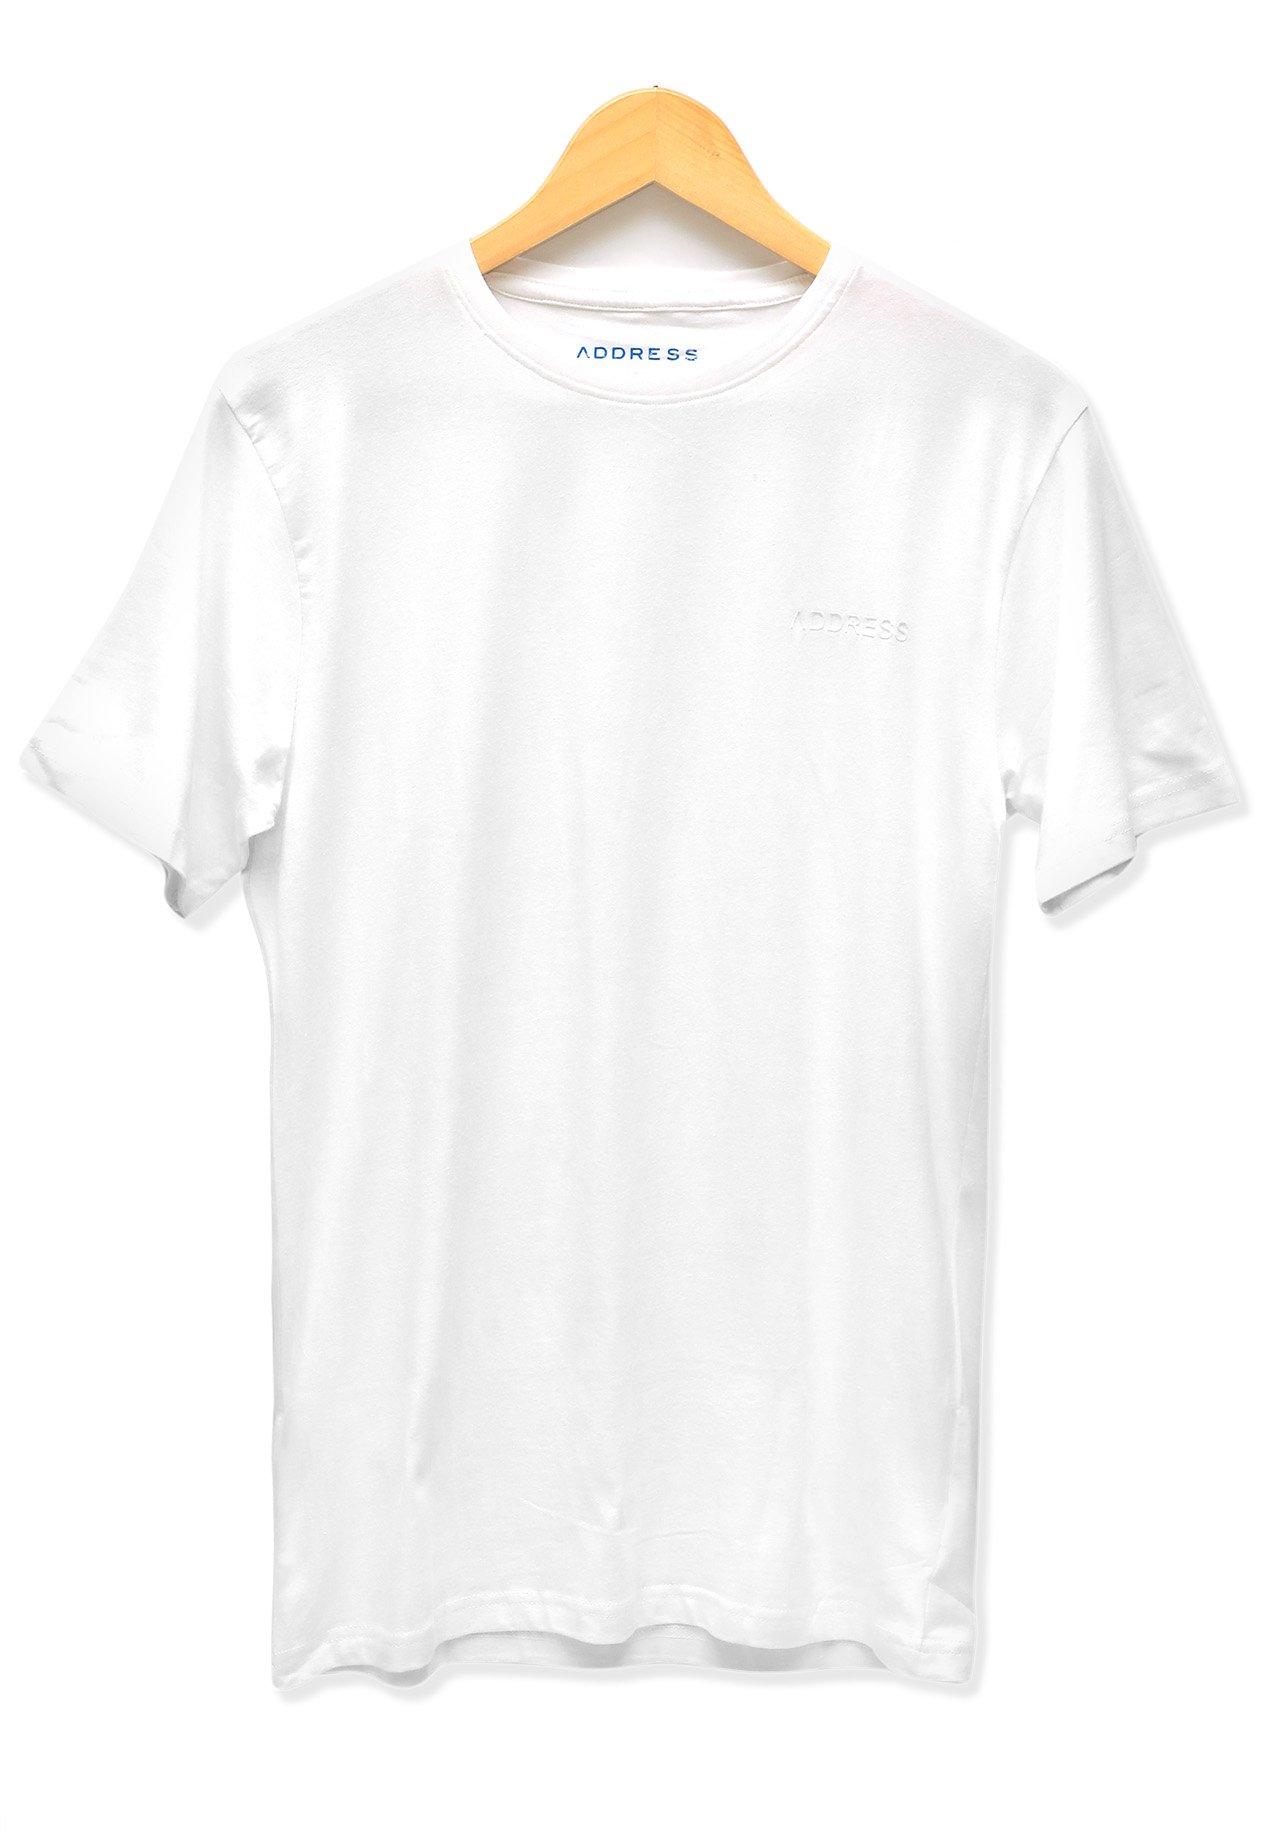 Address White Plain T-Shirt Round Neck